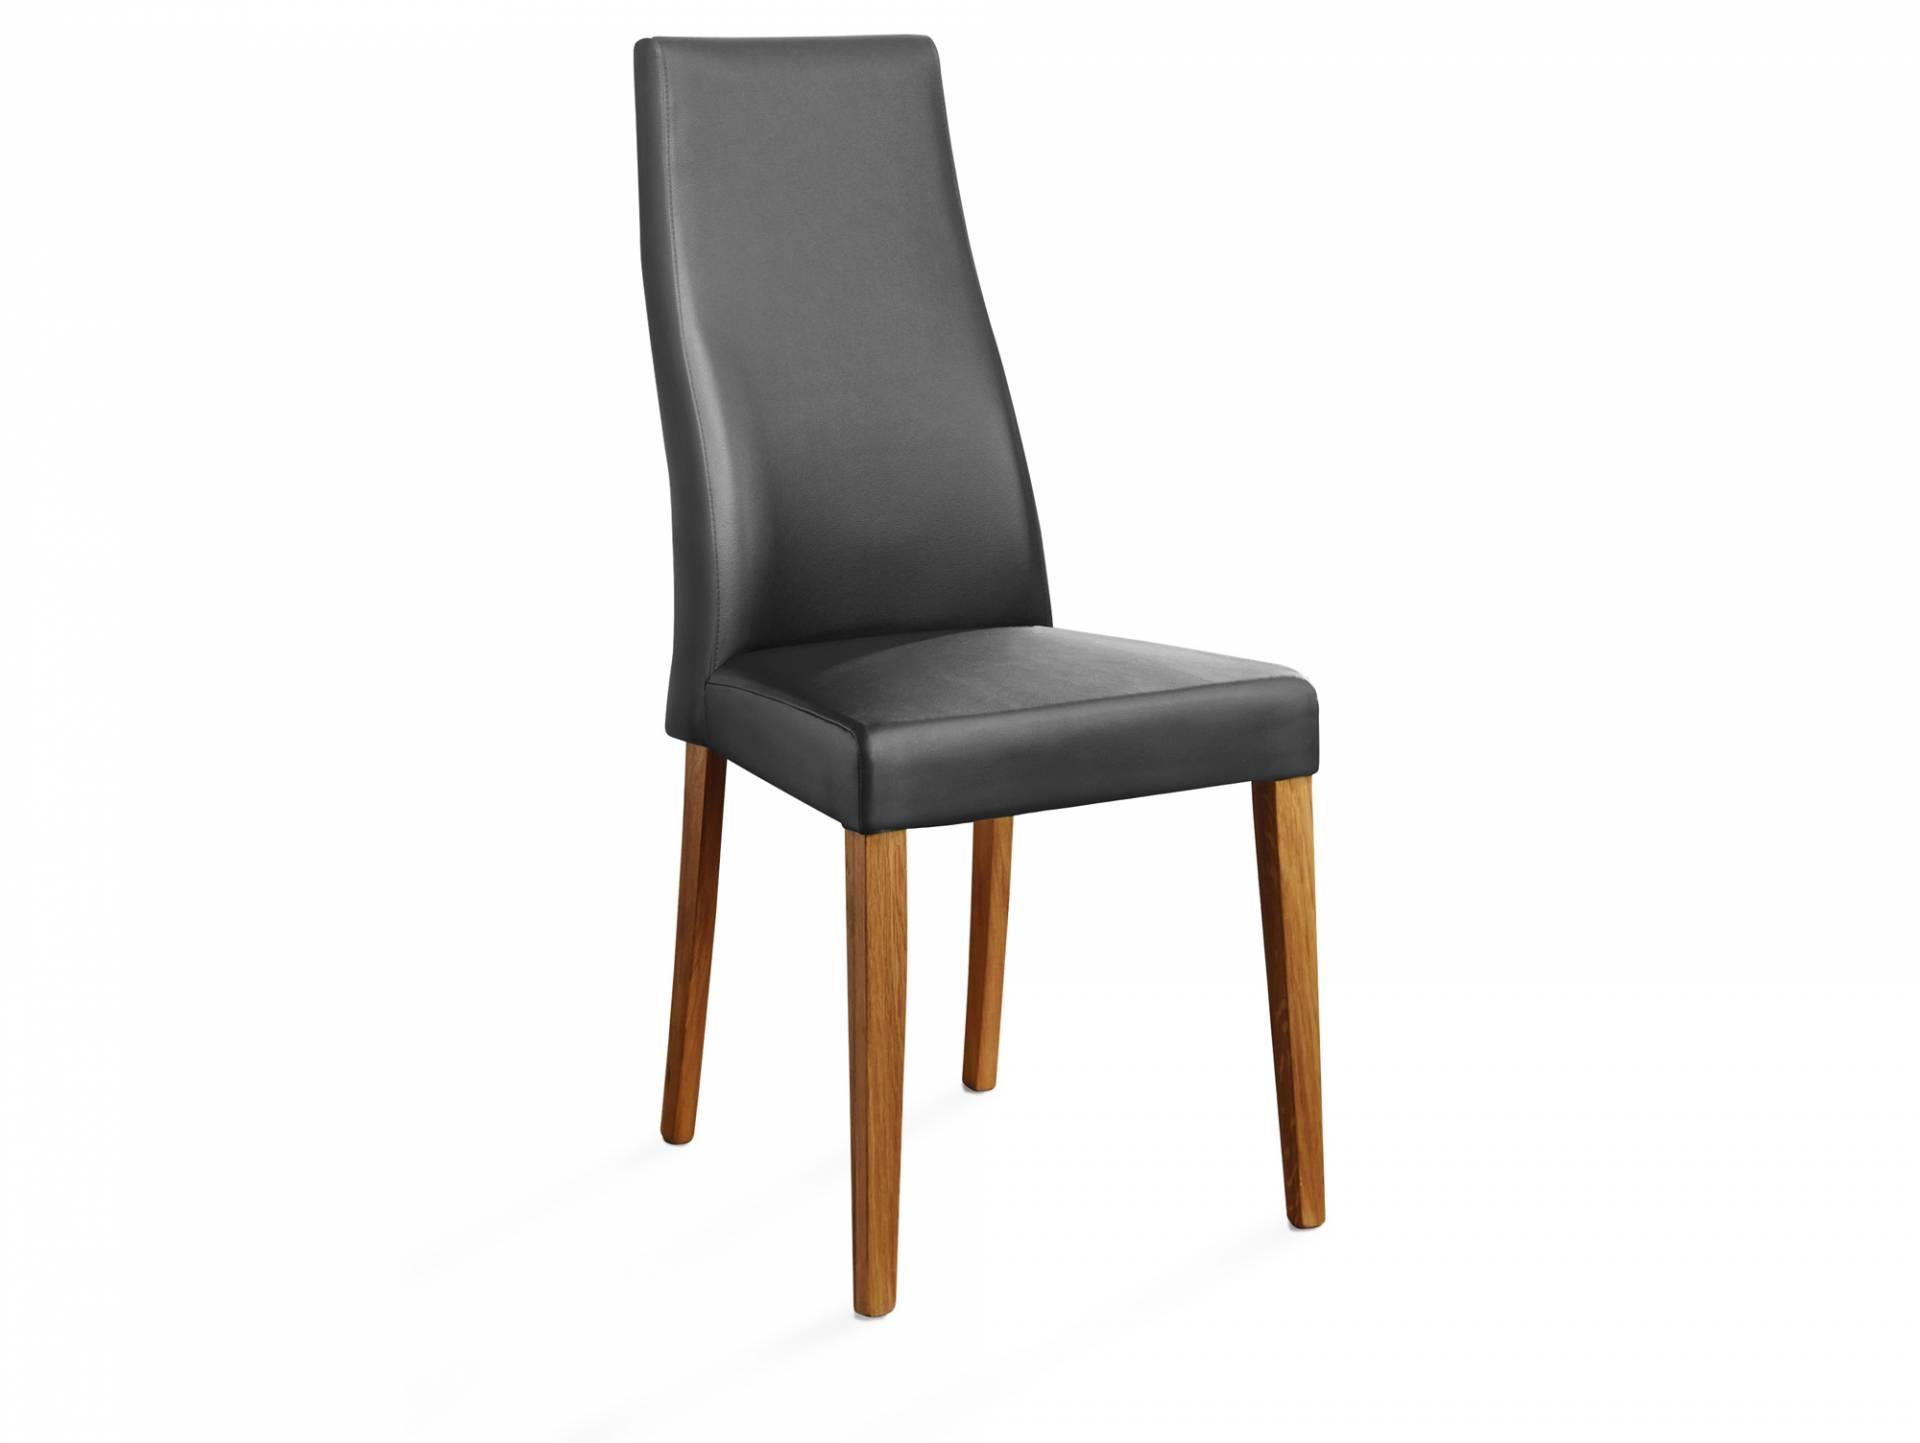 Holz   Polsterstühle und weitere Stühle. Günstig online